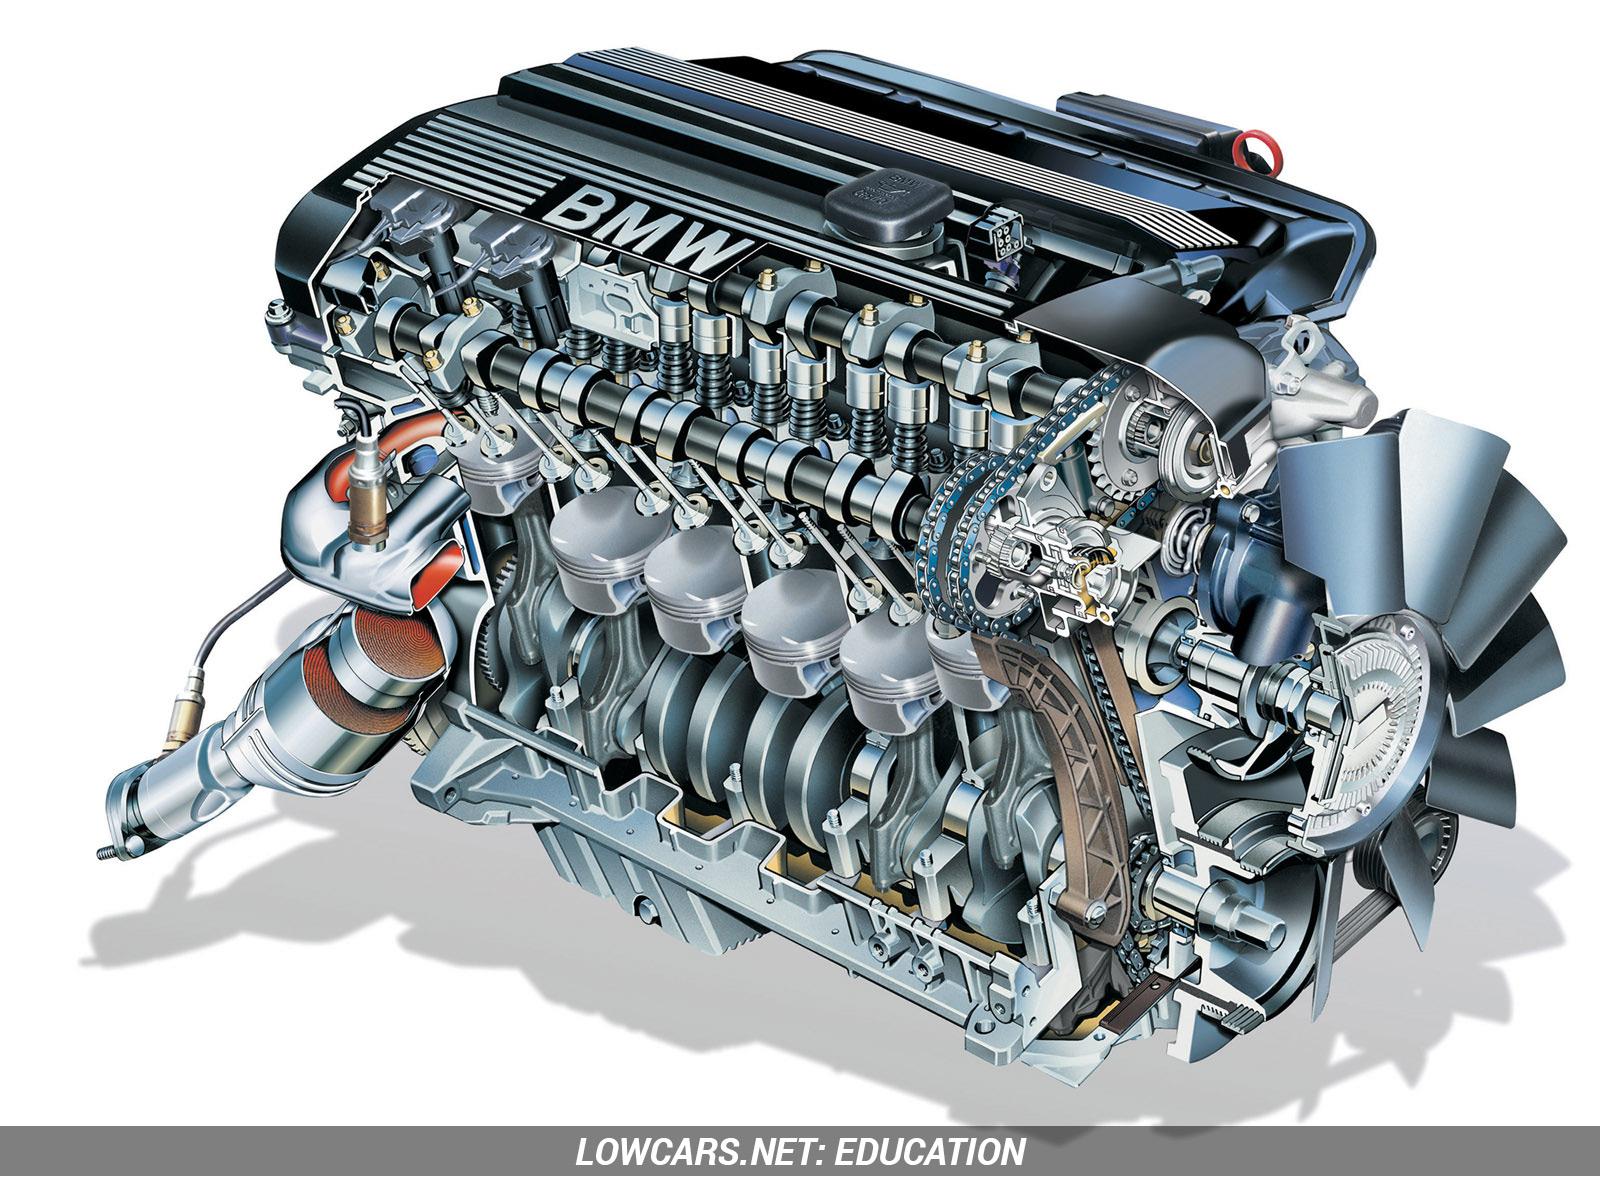 BMW-Z4-engine-1600x1200